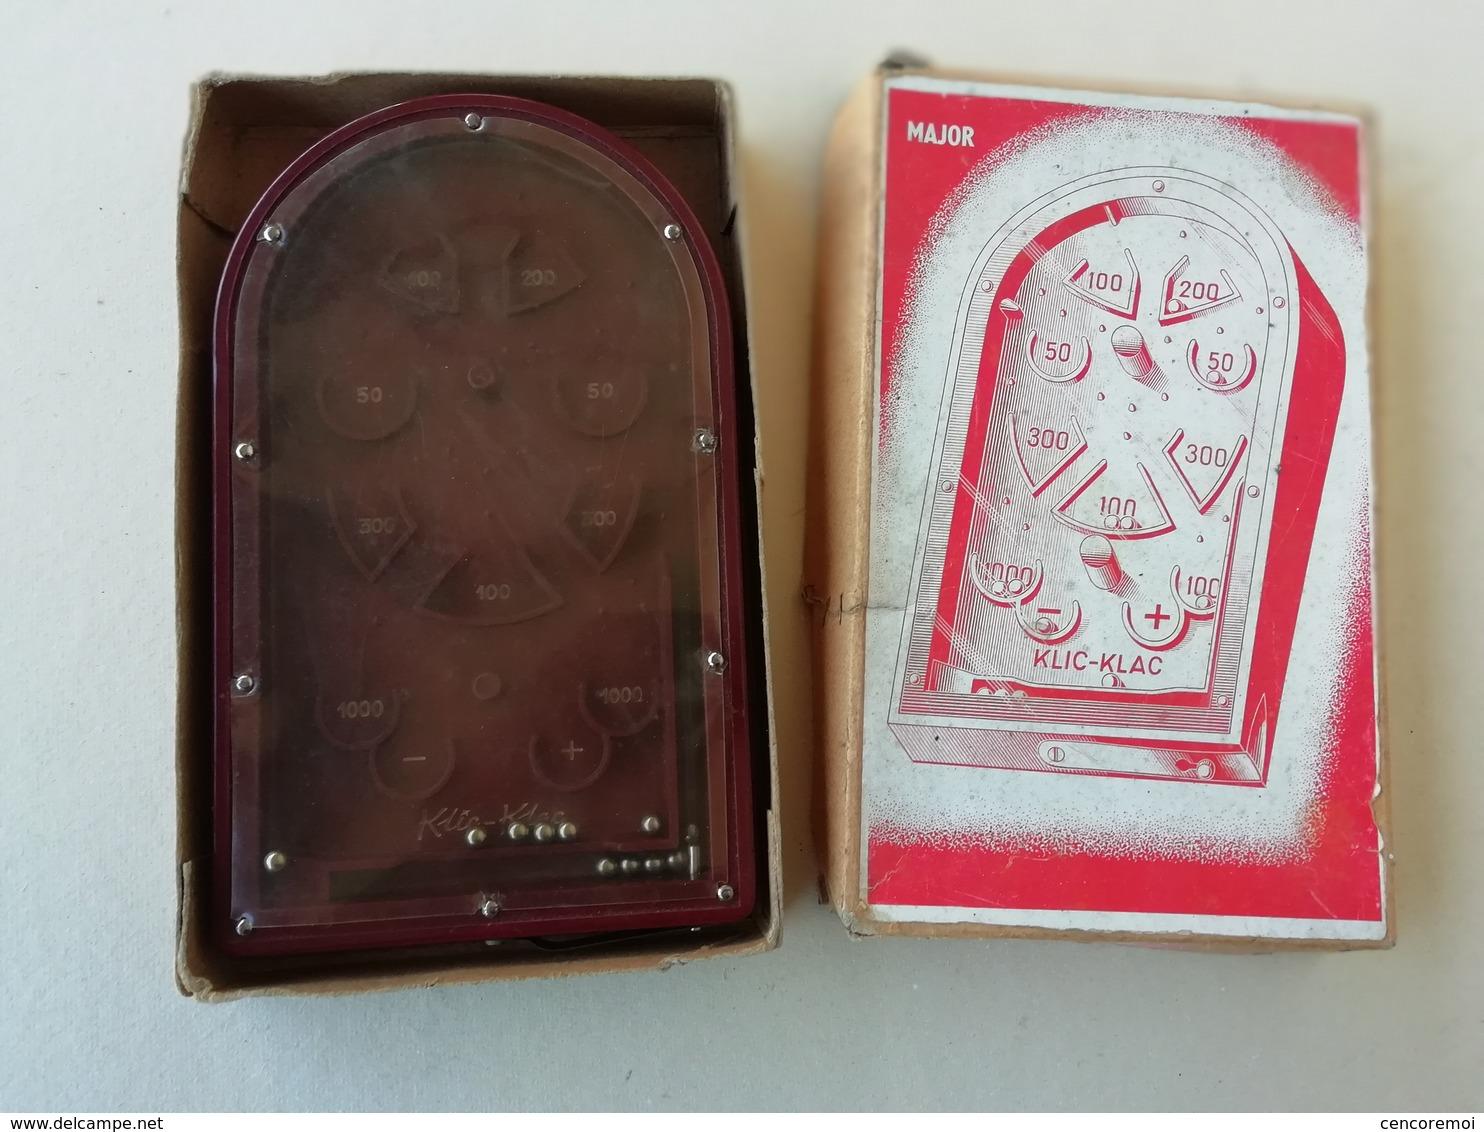 Jeux En Bakélite Ancien Klic-klac / Major, Jouet à Bille à Point,boite D'origine - Toy Memorabilia